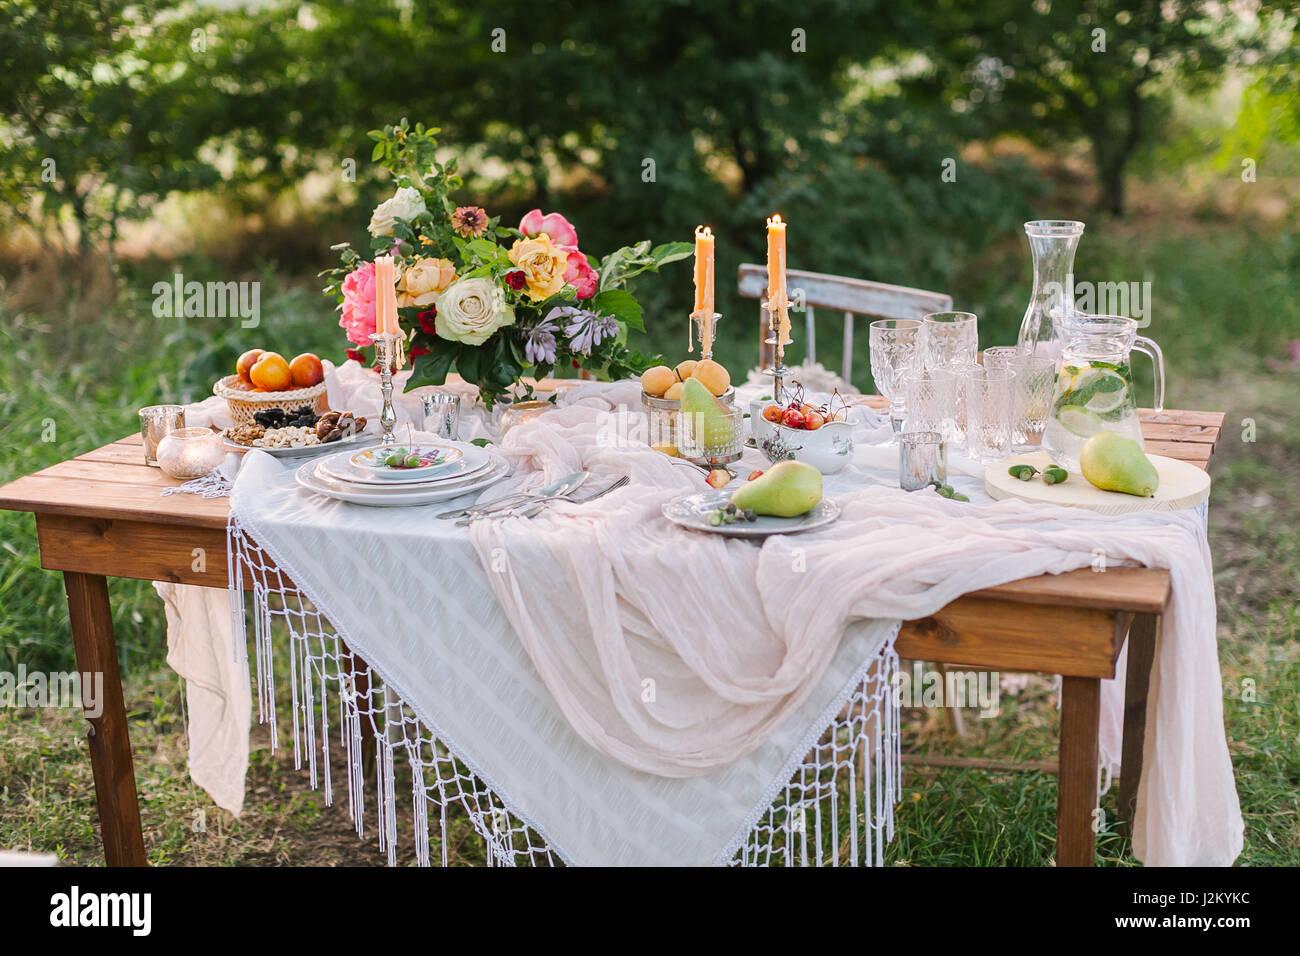 Picknick, Sommer, Urlaub Konzept - schön gedeckten Tisch am grünen ...